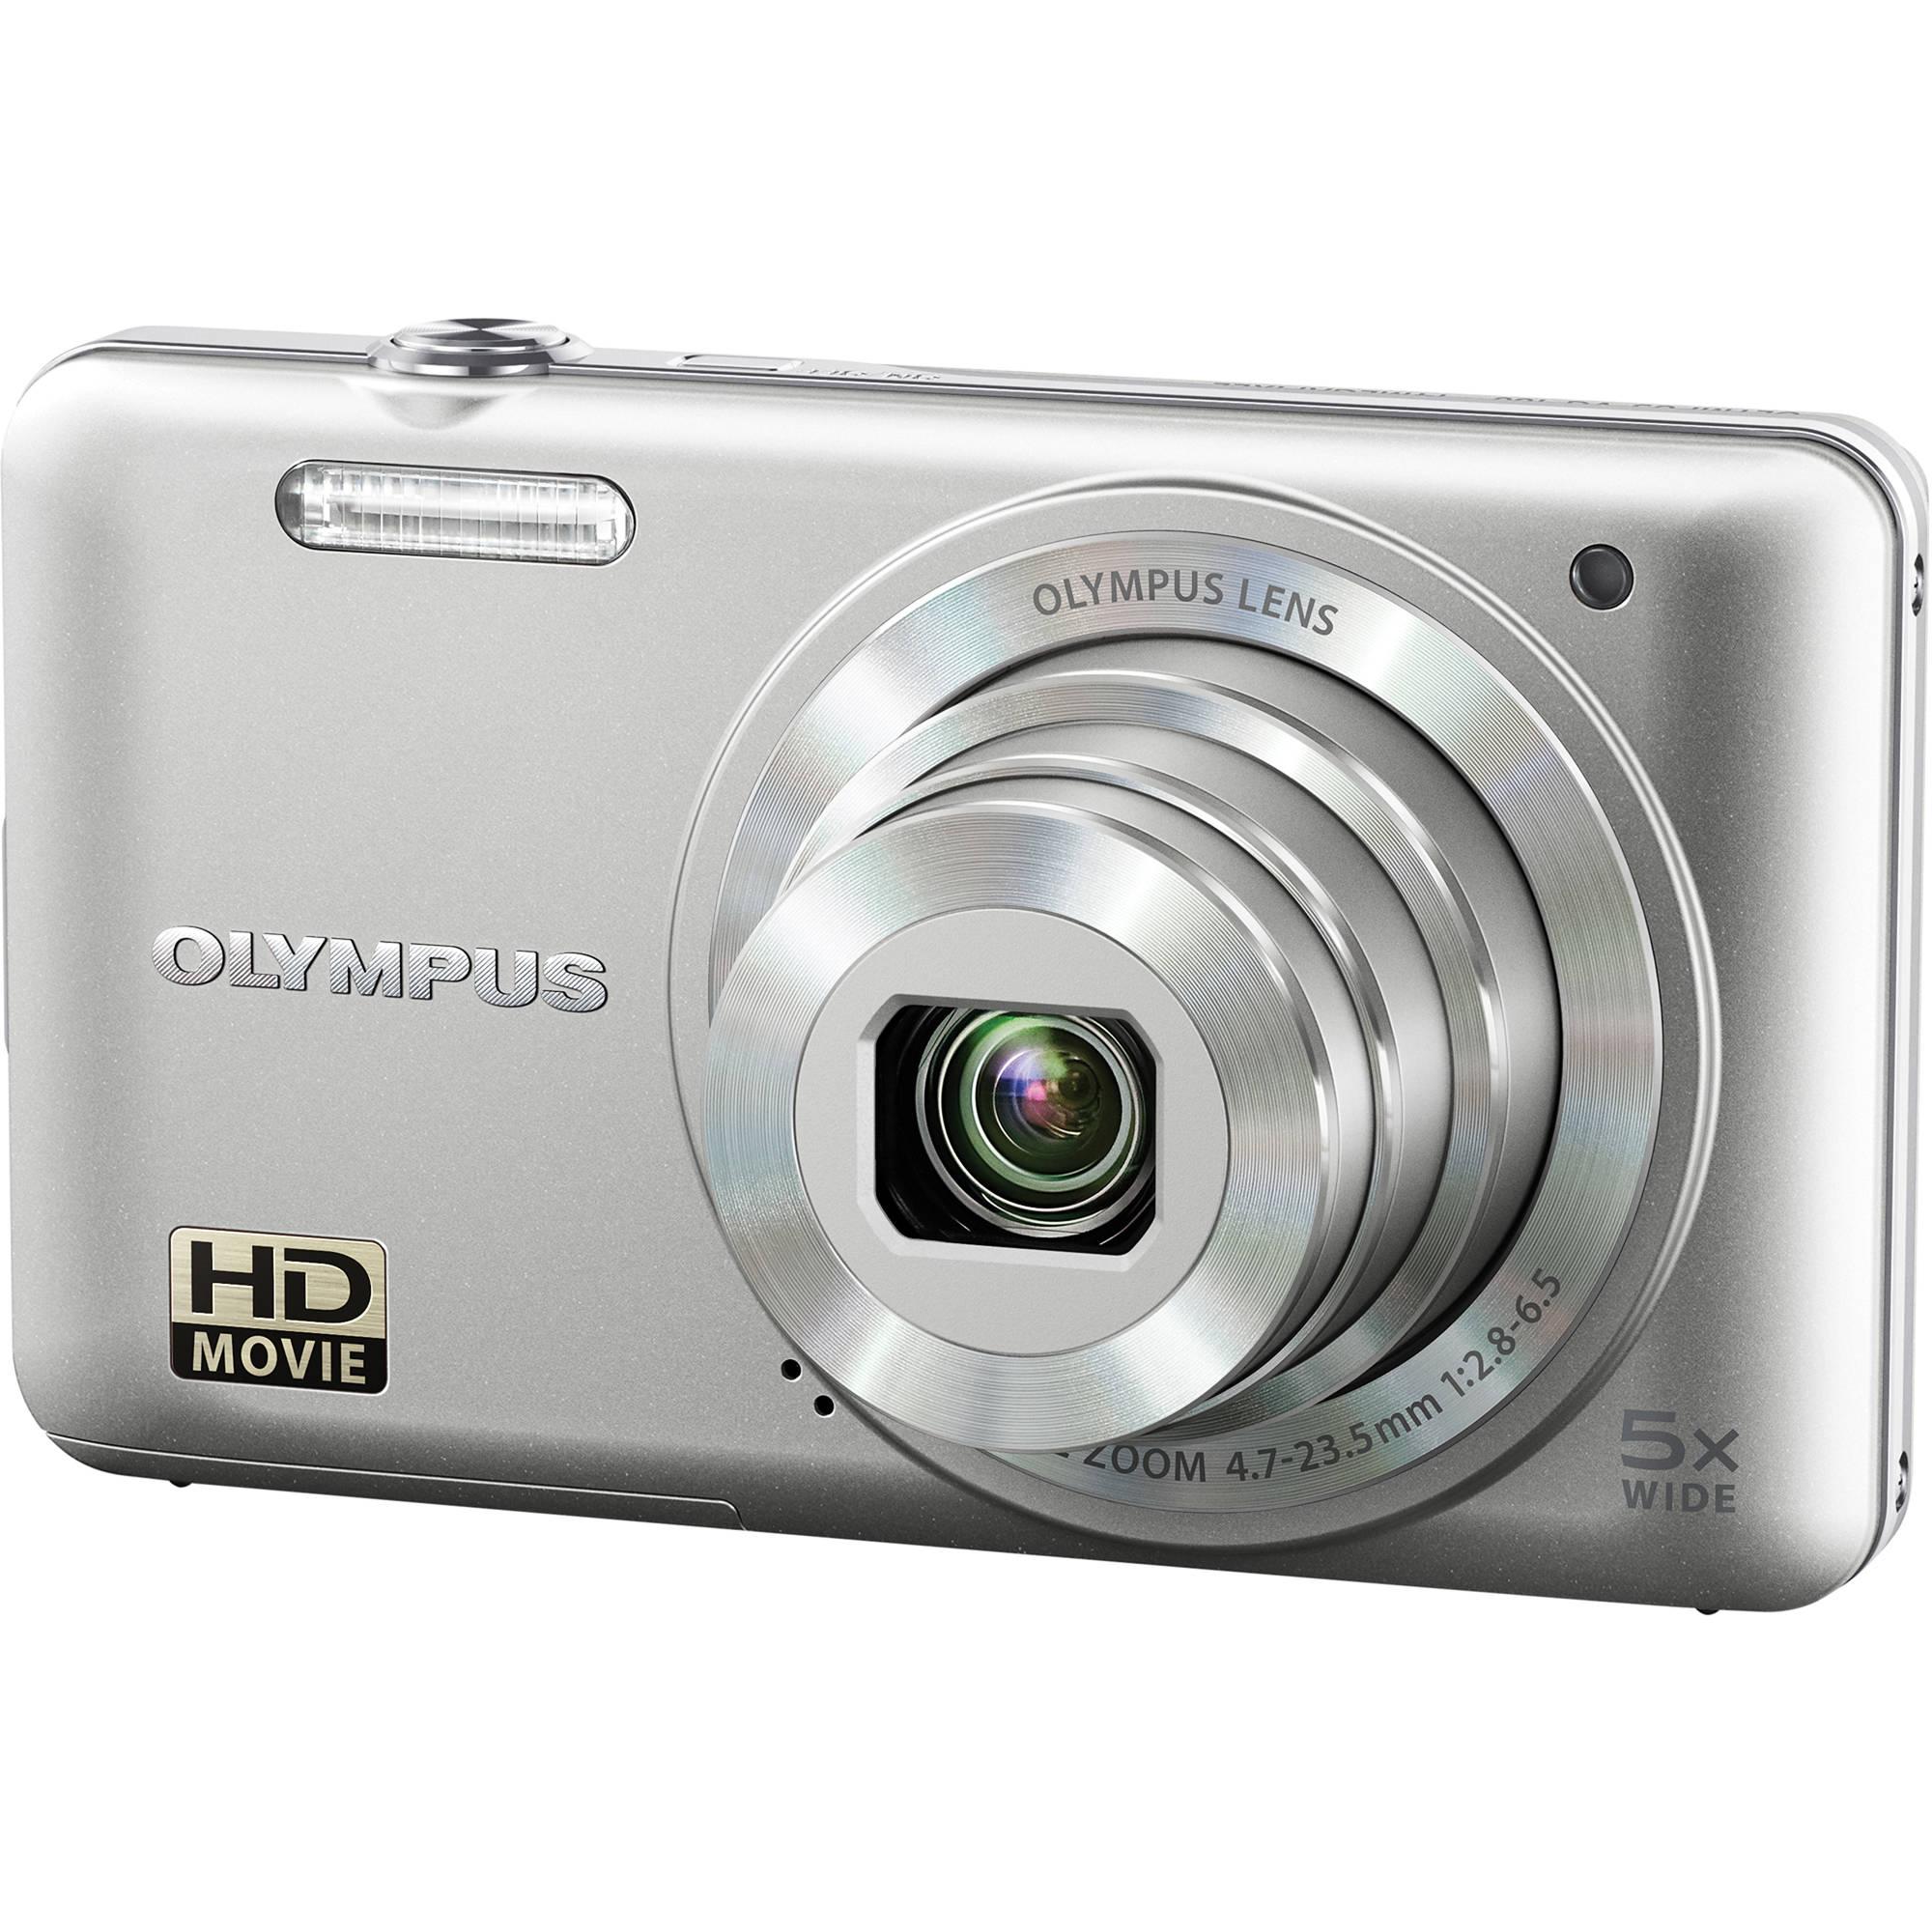 olympus digital camera | Olympus VG-160 Digital Camera (Silver) V106050SU000 B&H Photo